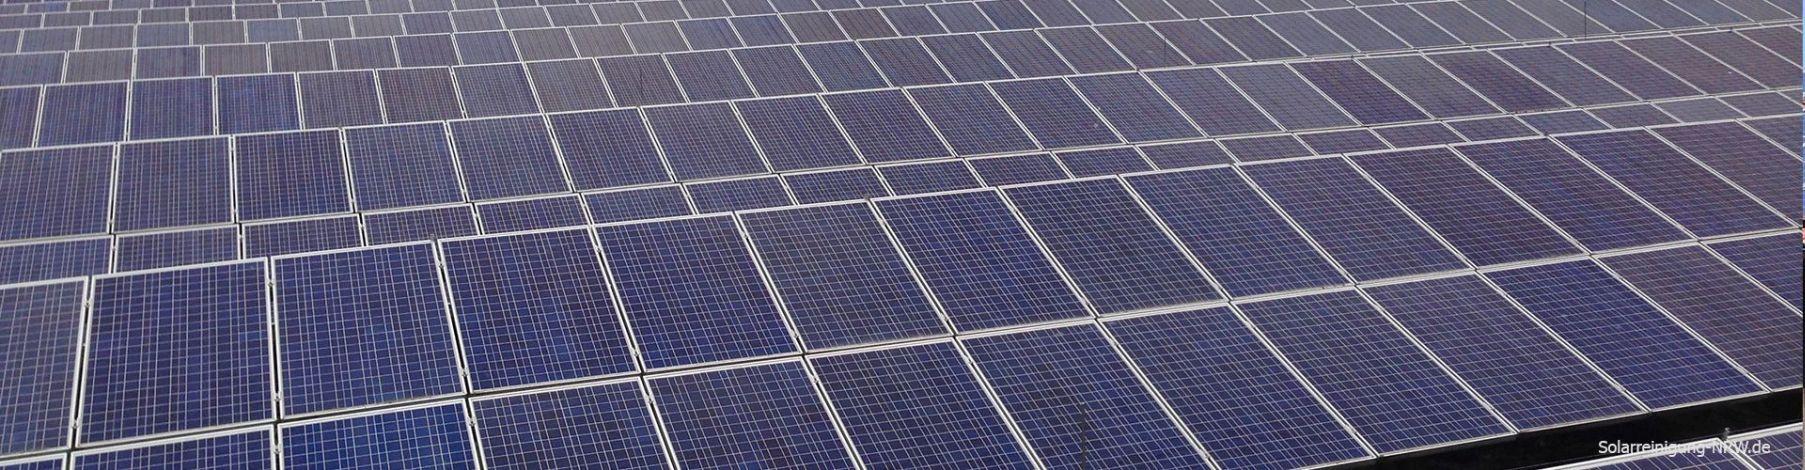 Solarreinigung NRW – Solarreinigung Münsterland